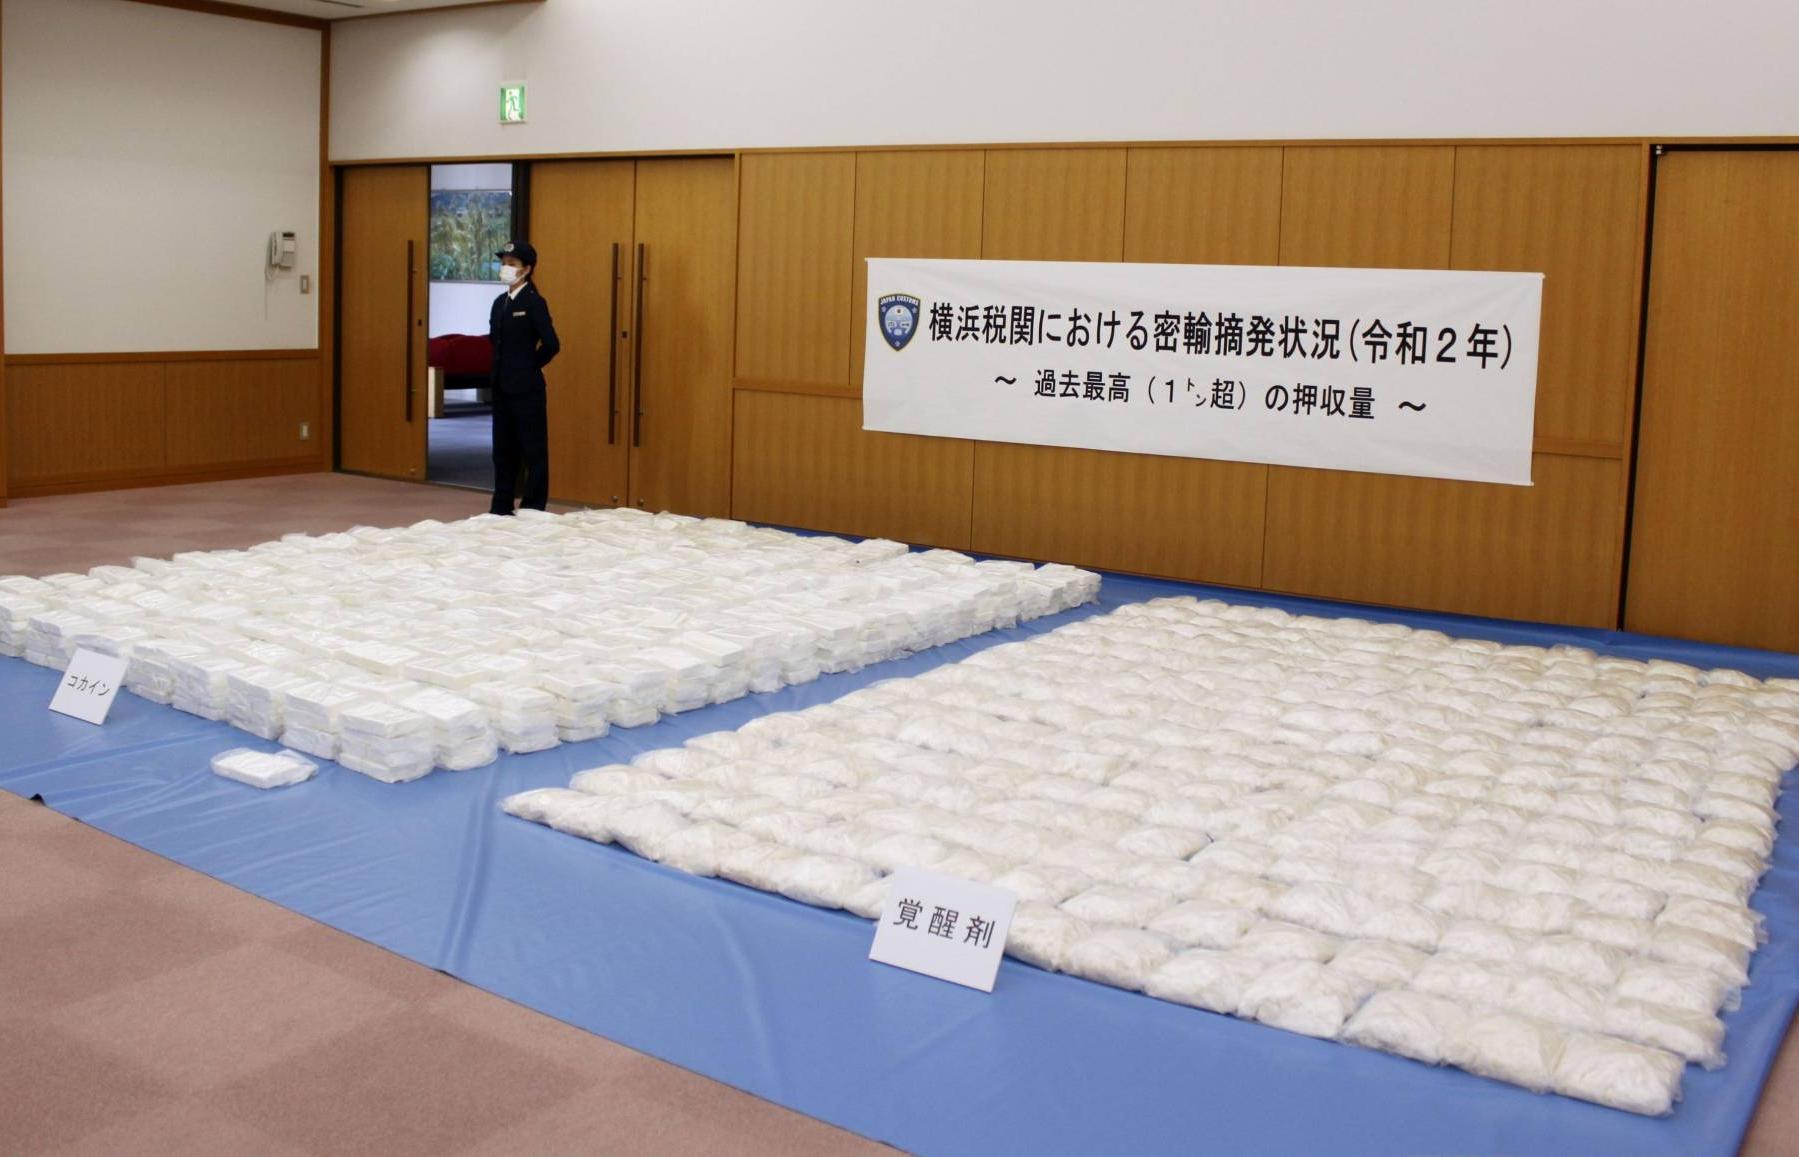 Nhật Bản: Số lượng ma túy thu giữ giảm 43% trong năm 2020